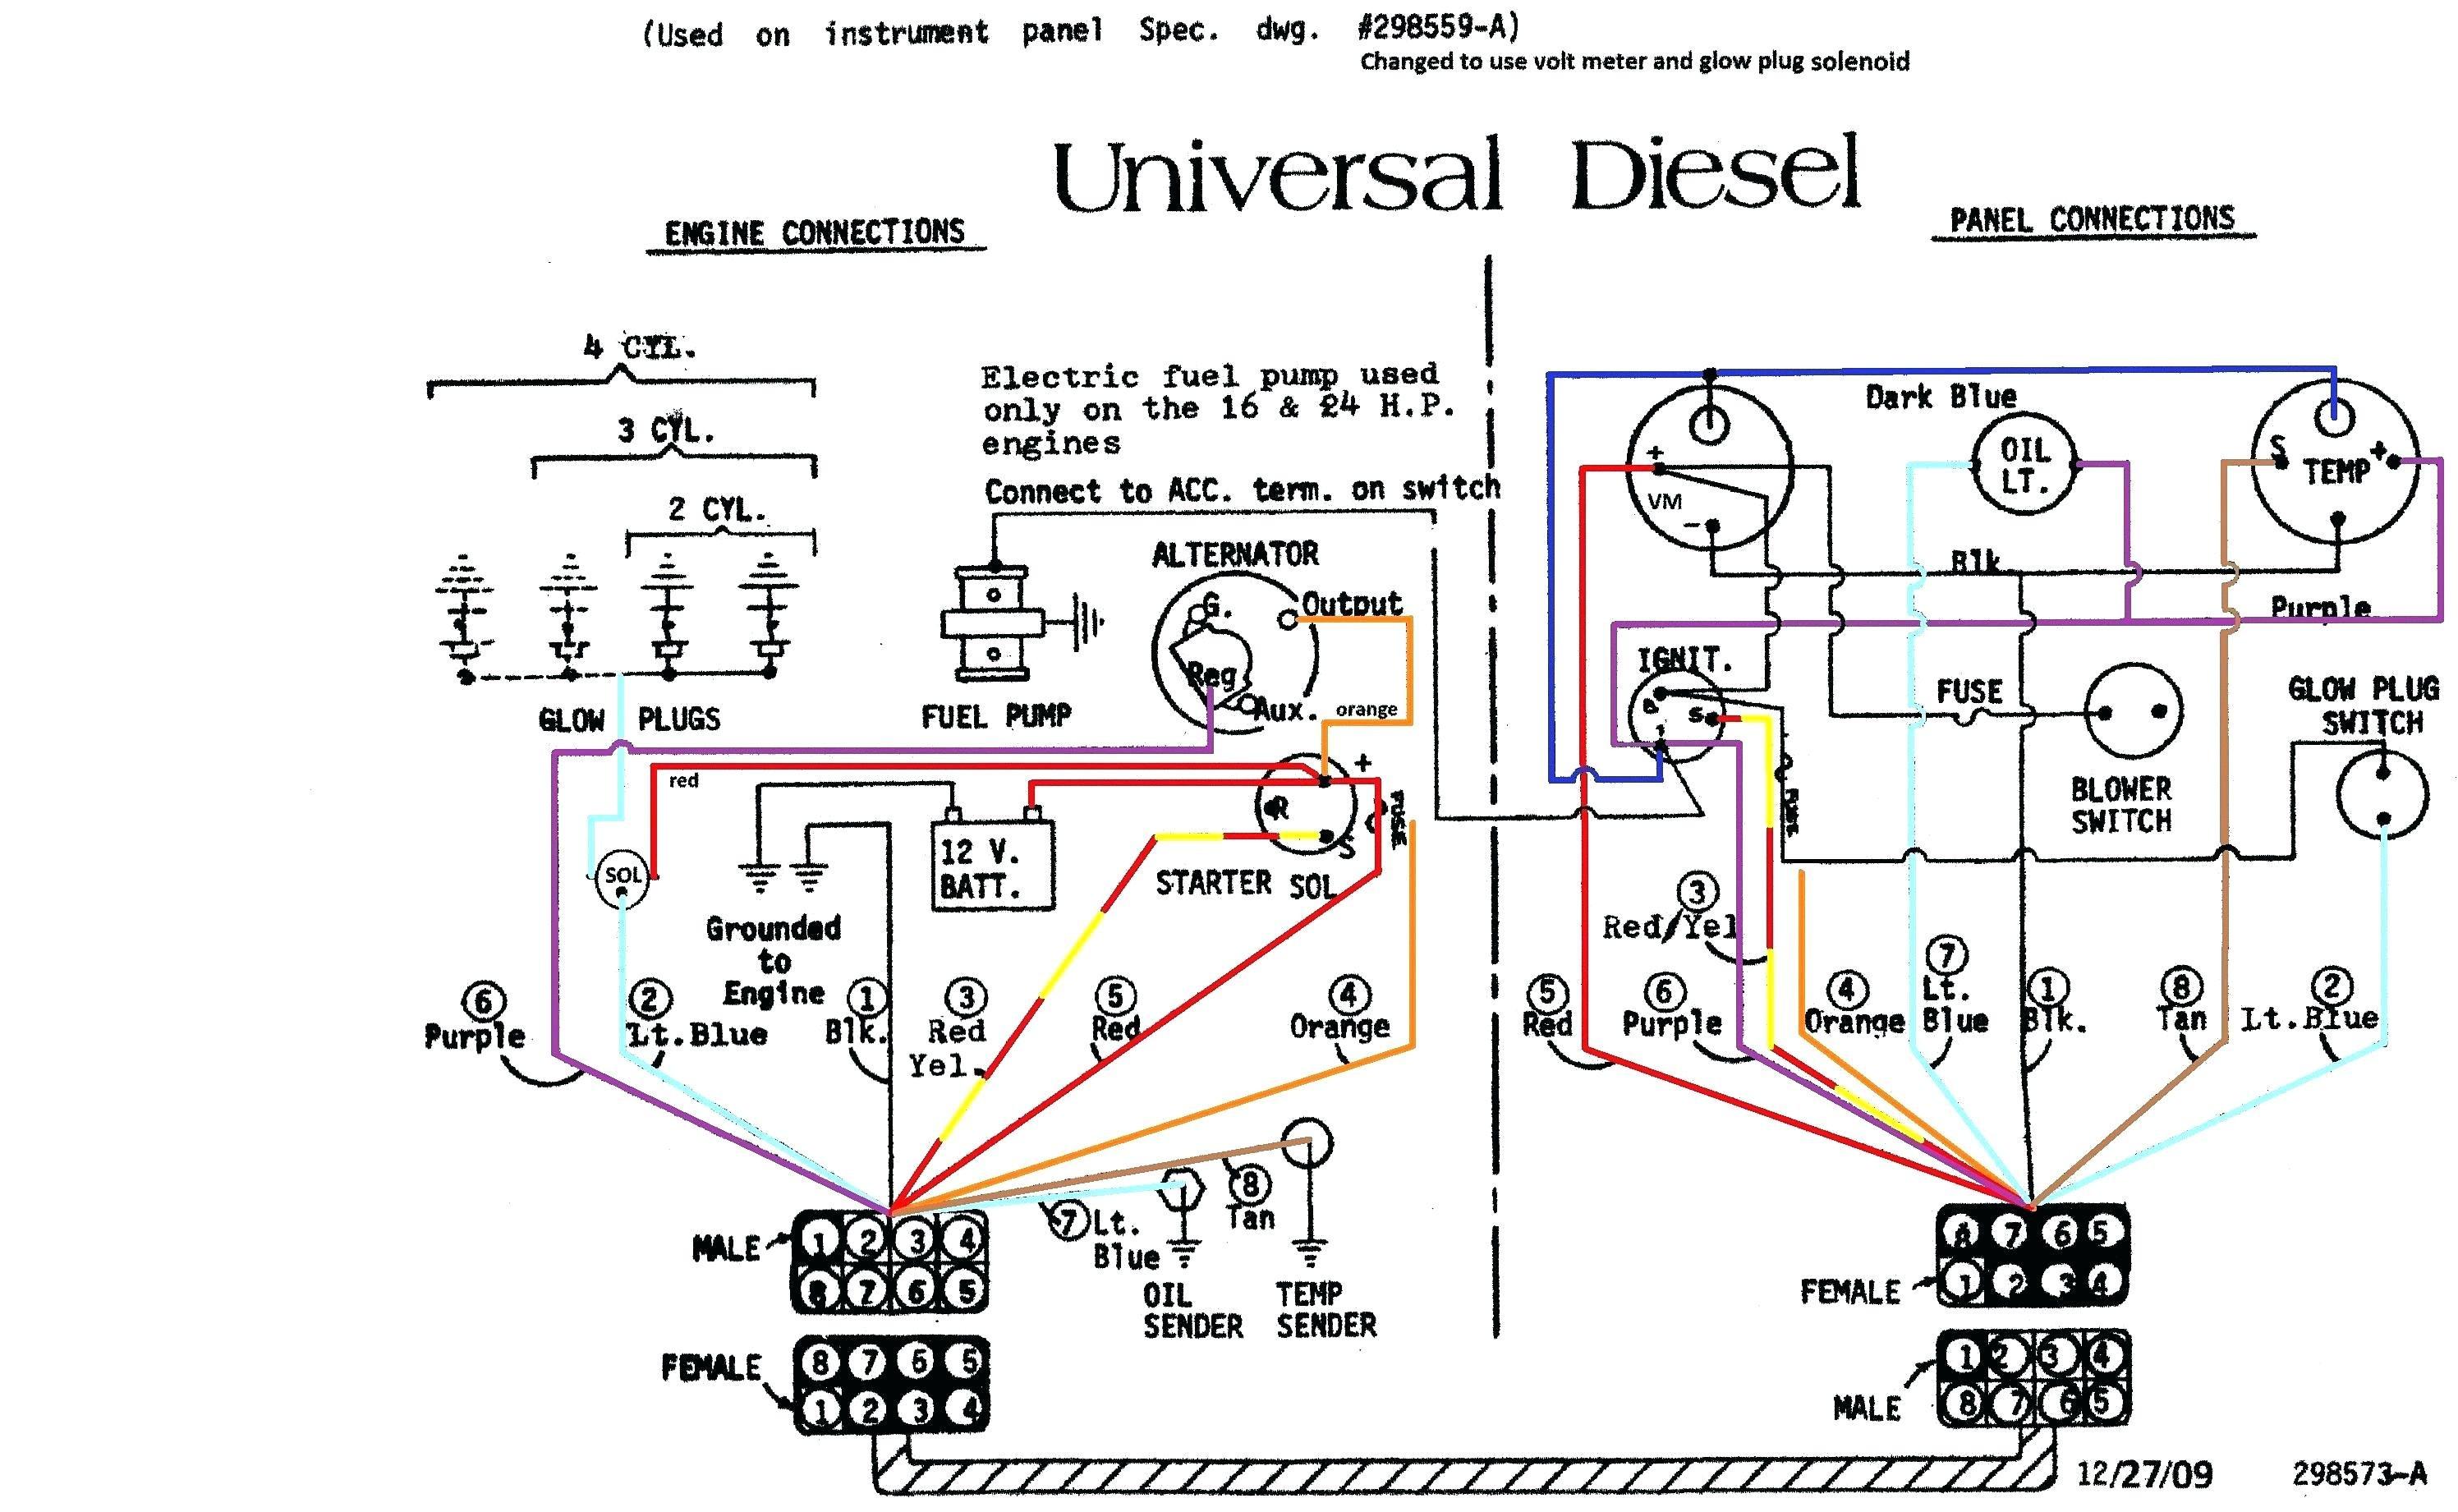 Chrysler 3 5 Engine Diagram Chrysler 3 8 Engine Diagram Serpentine Belt Diagram Chrysler 300 Of Chrysler 3 5 Engine Diagram